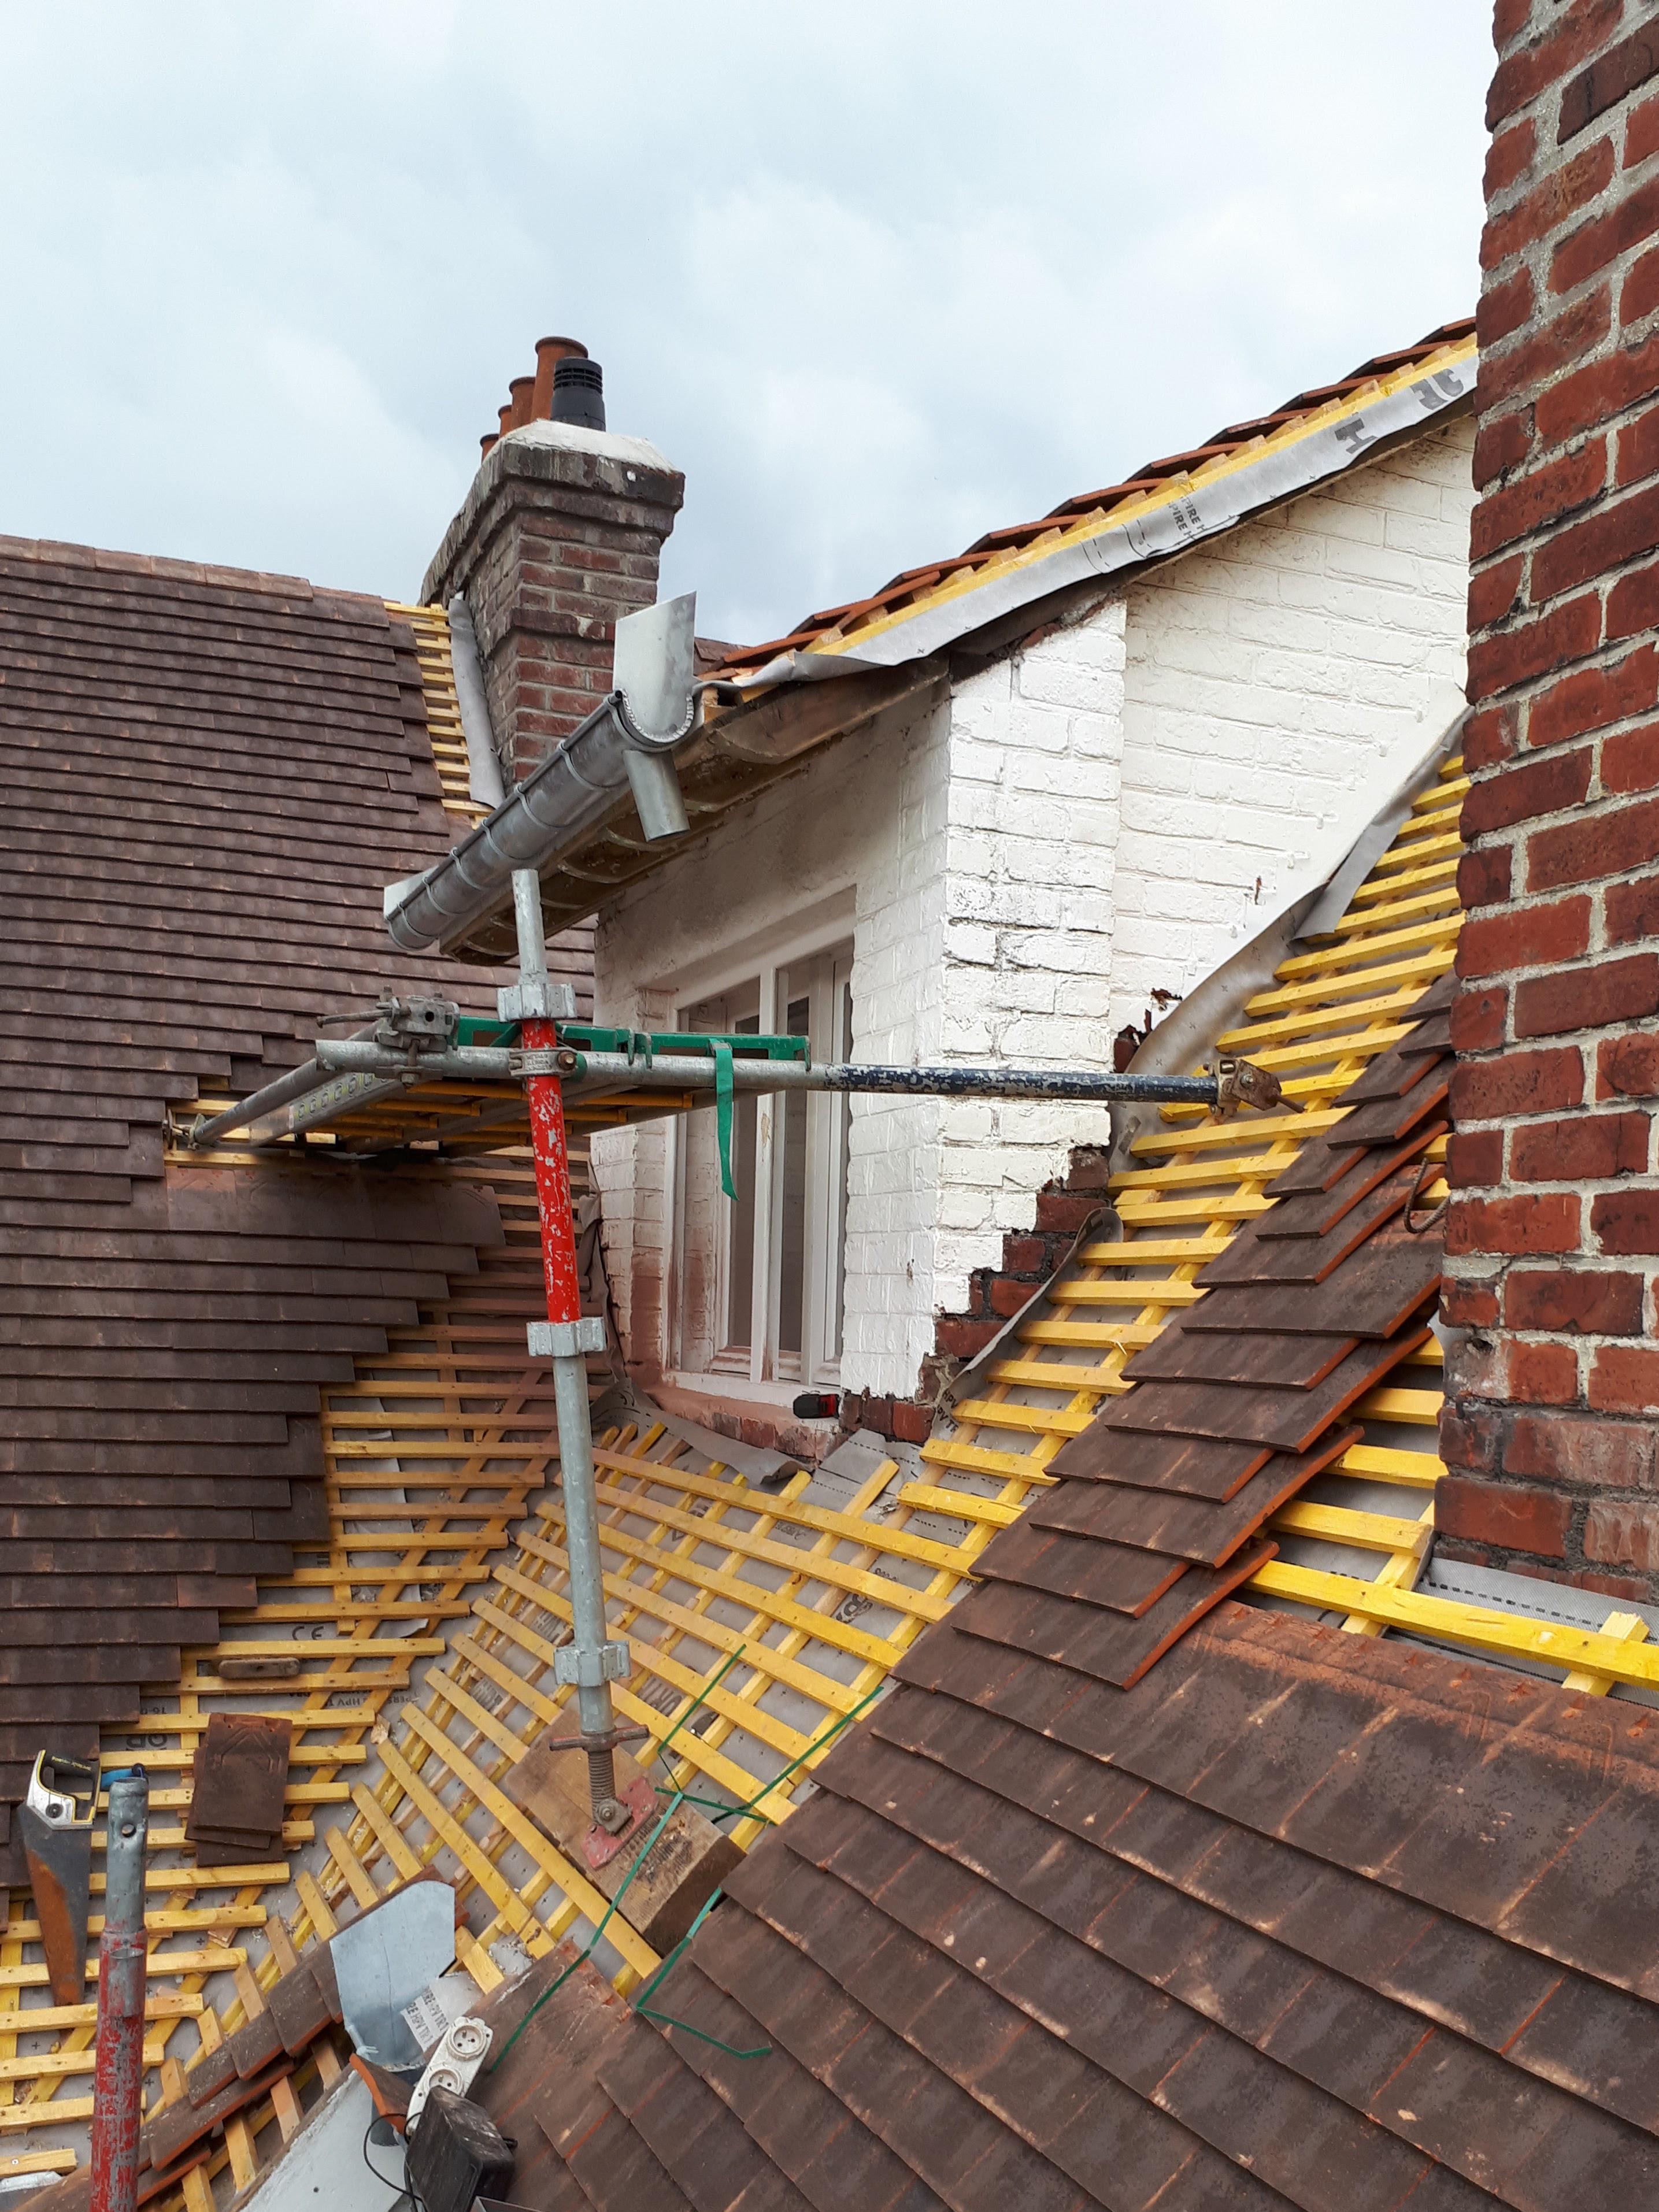 Rénovation toiture en tuiles plates - Lesaicherre Croix toiture